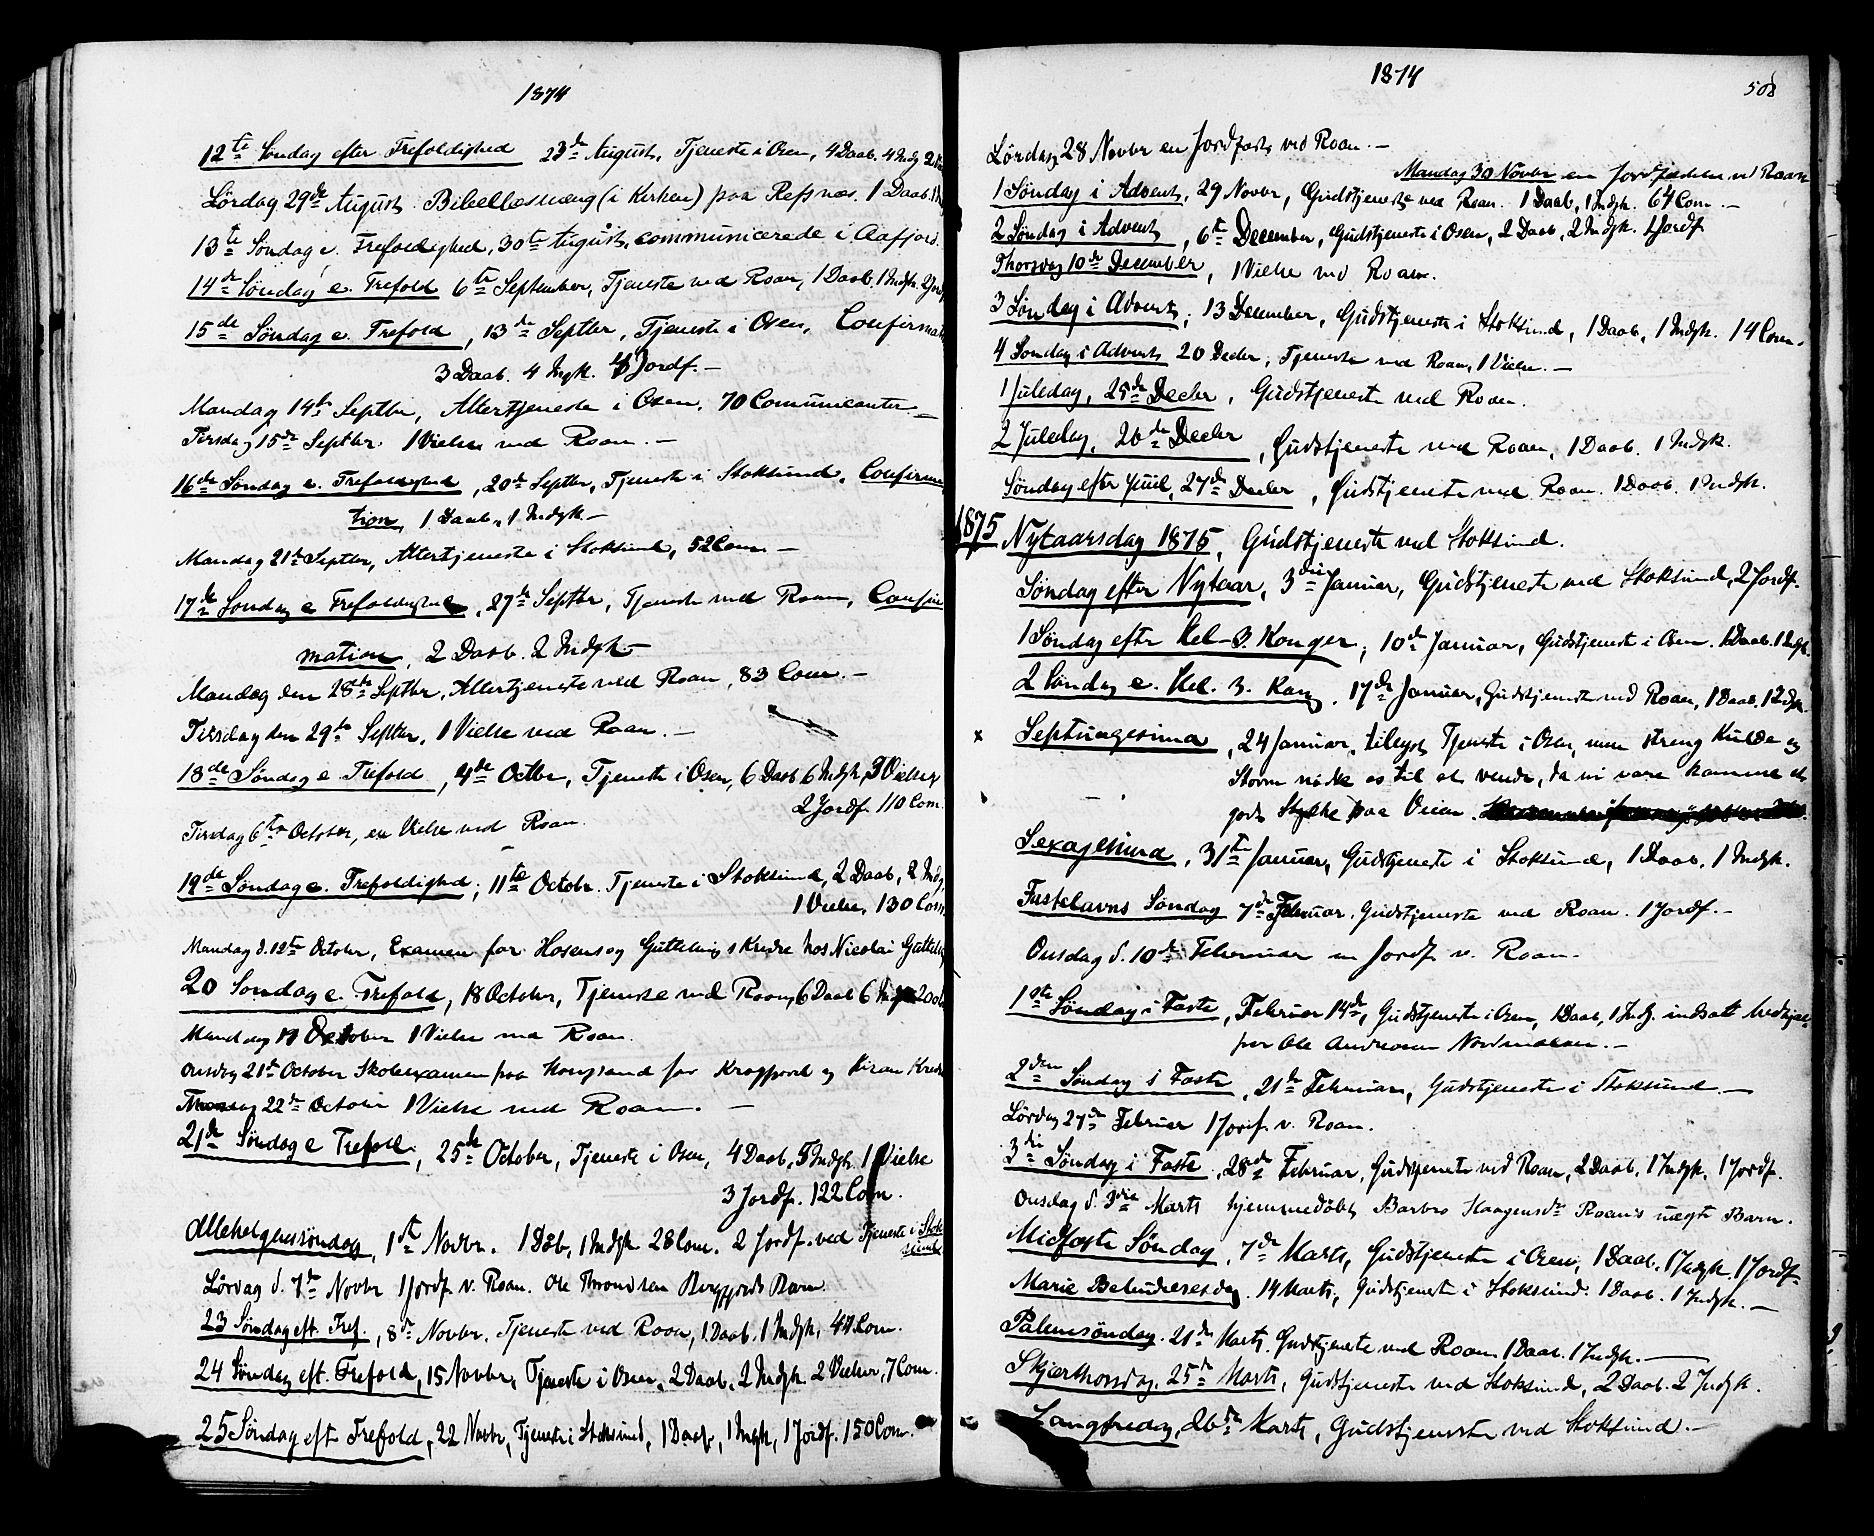 SAT, Ministerialprotokoller, klokkerbøker og fødselsregistre - Sør-Trøndelag, 657/L0706: Ministerialbok nr. 657A07, 1867-1878, s. 508